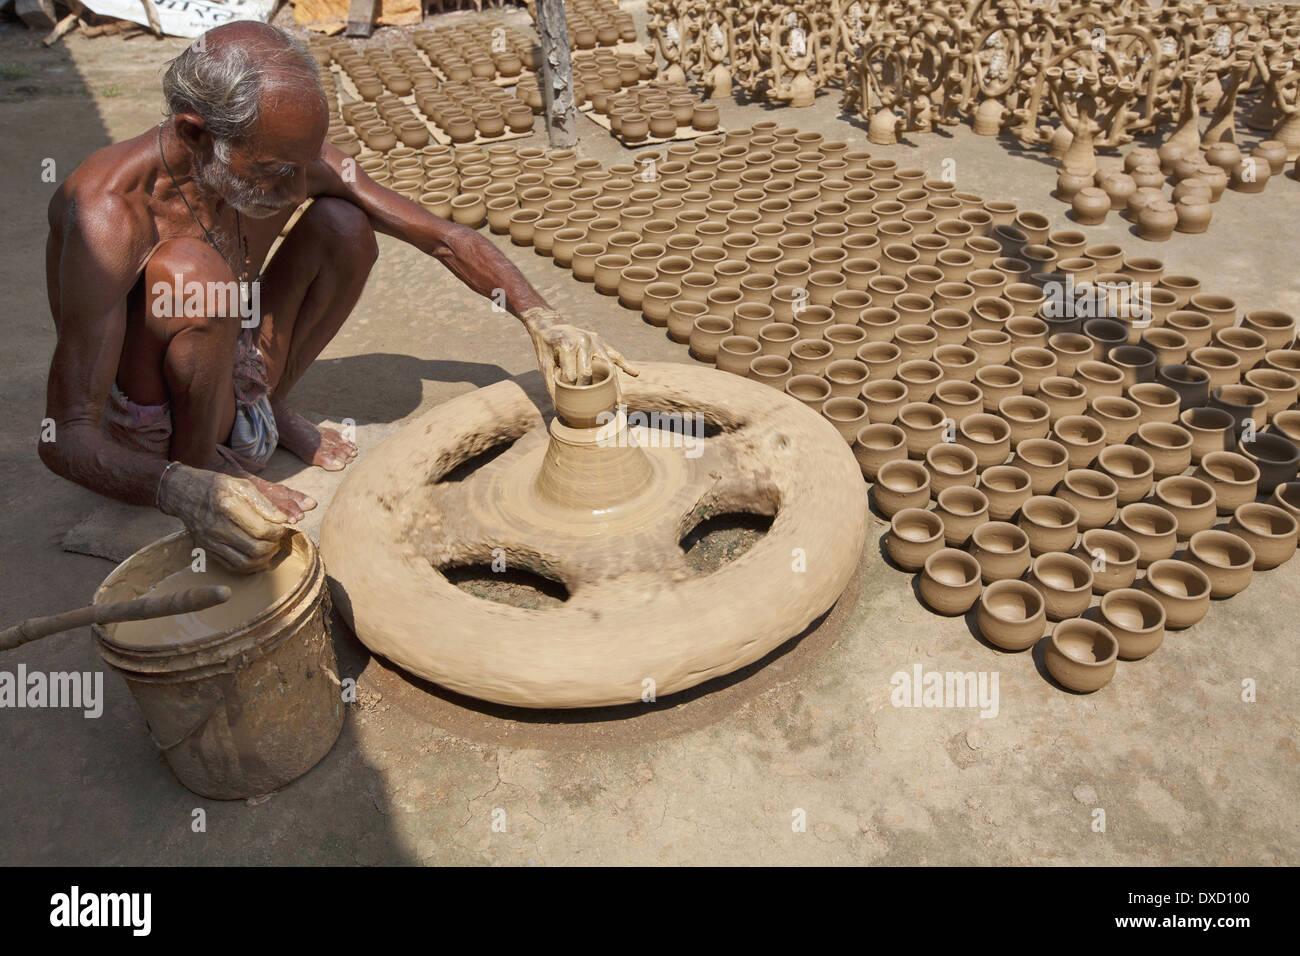 Clay Pottery India Stock Photos Amp Clay Pottery India Stock